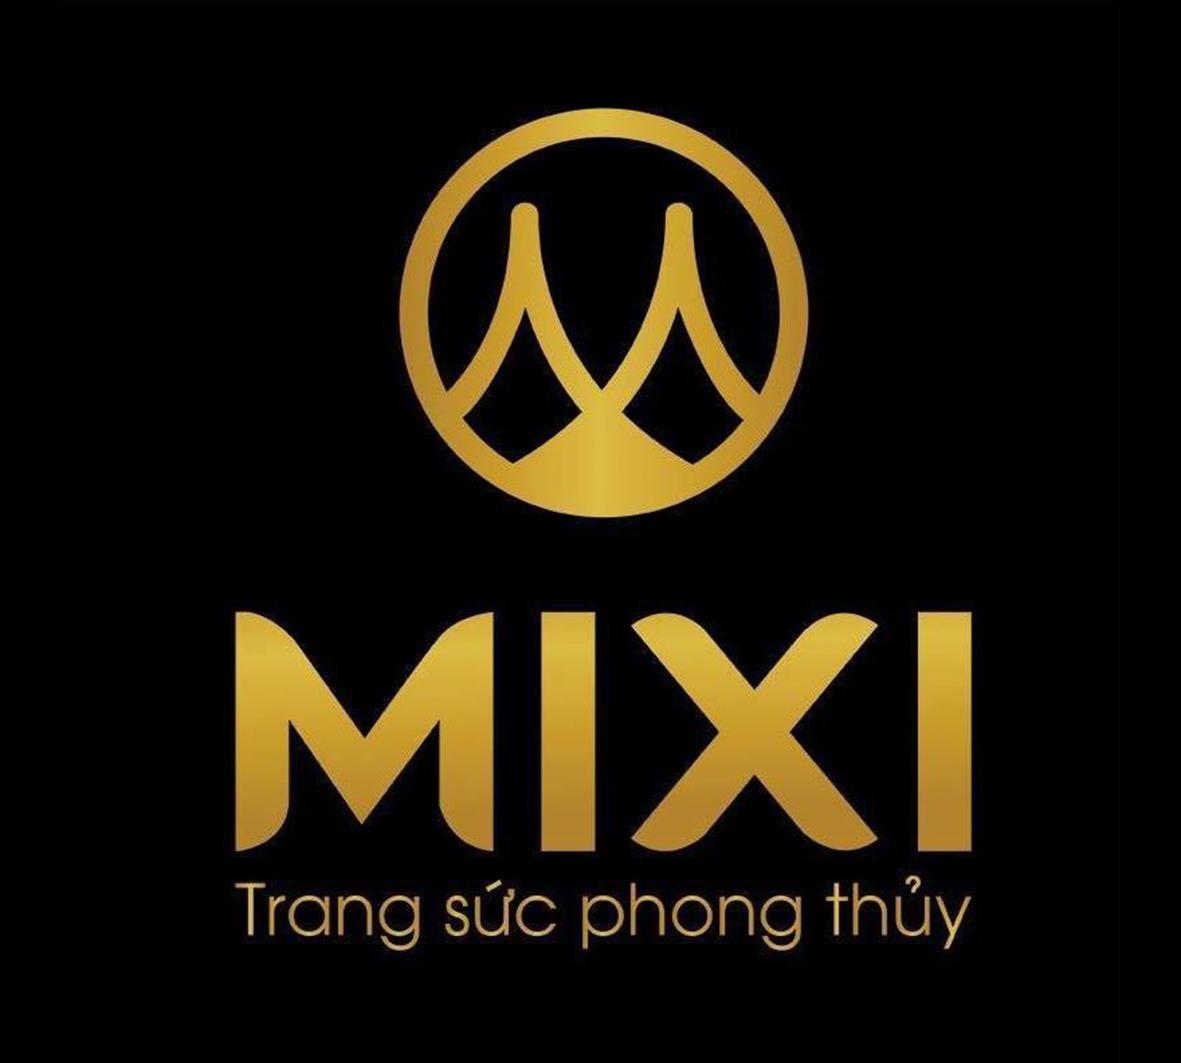 PHONG THỦY MIXI